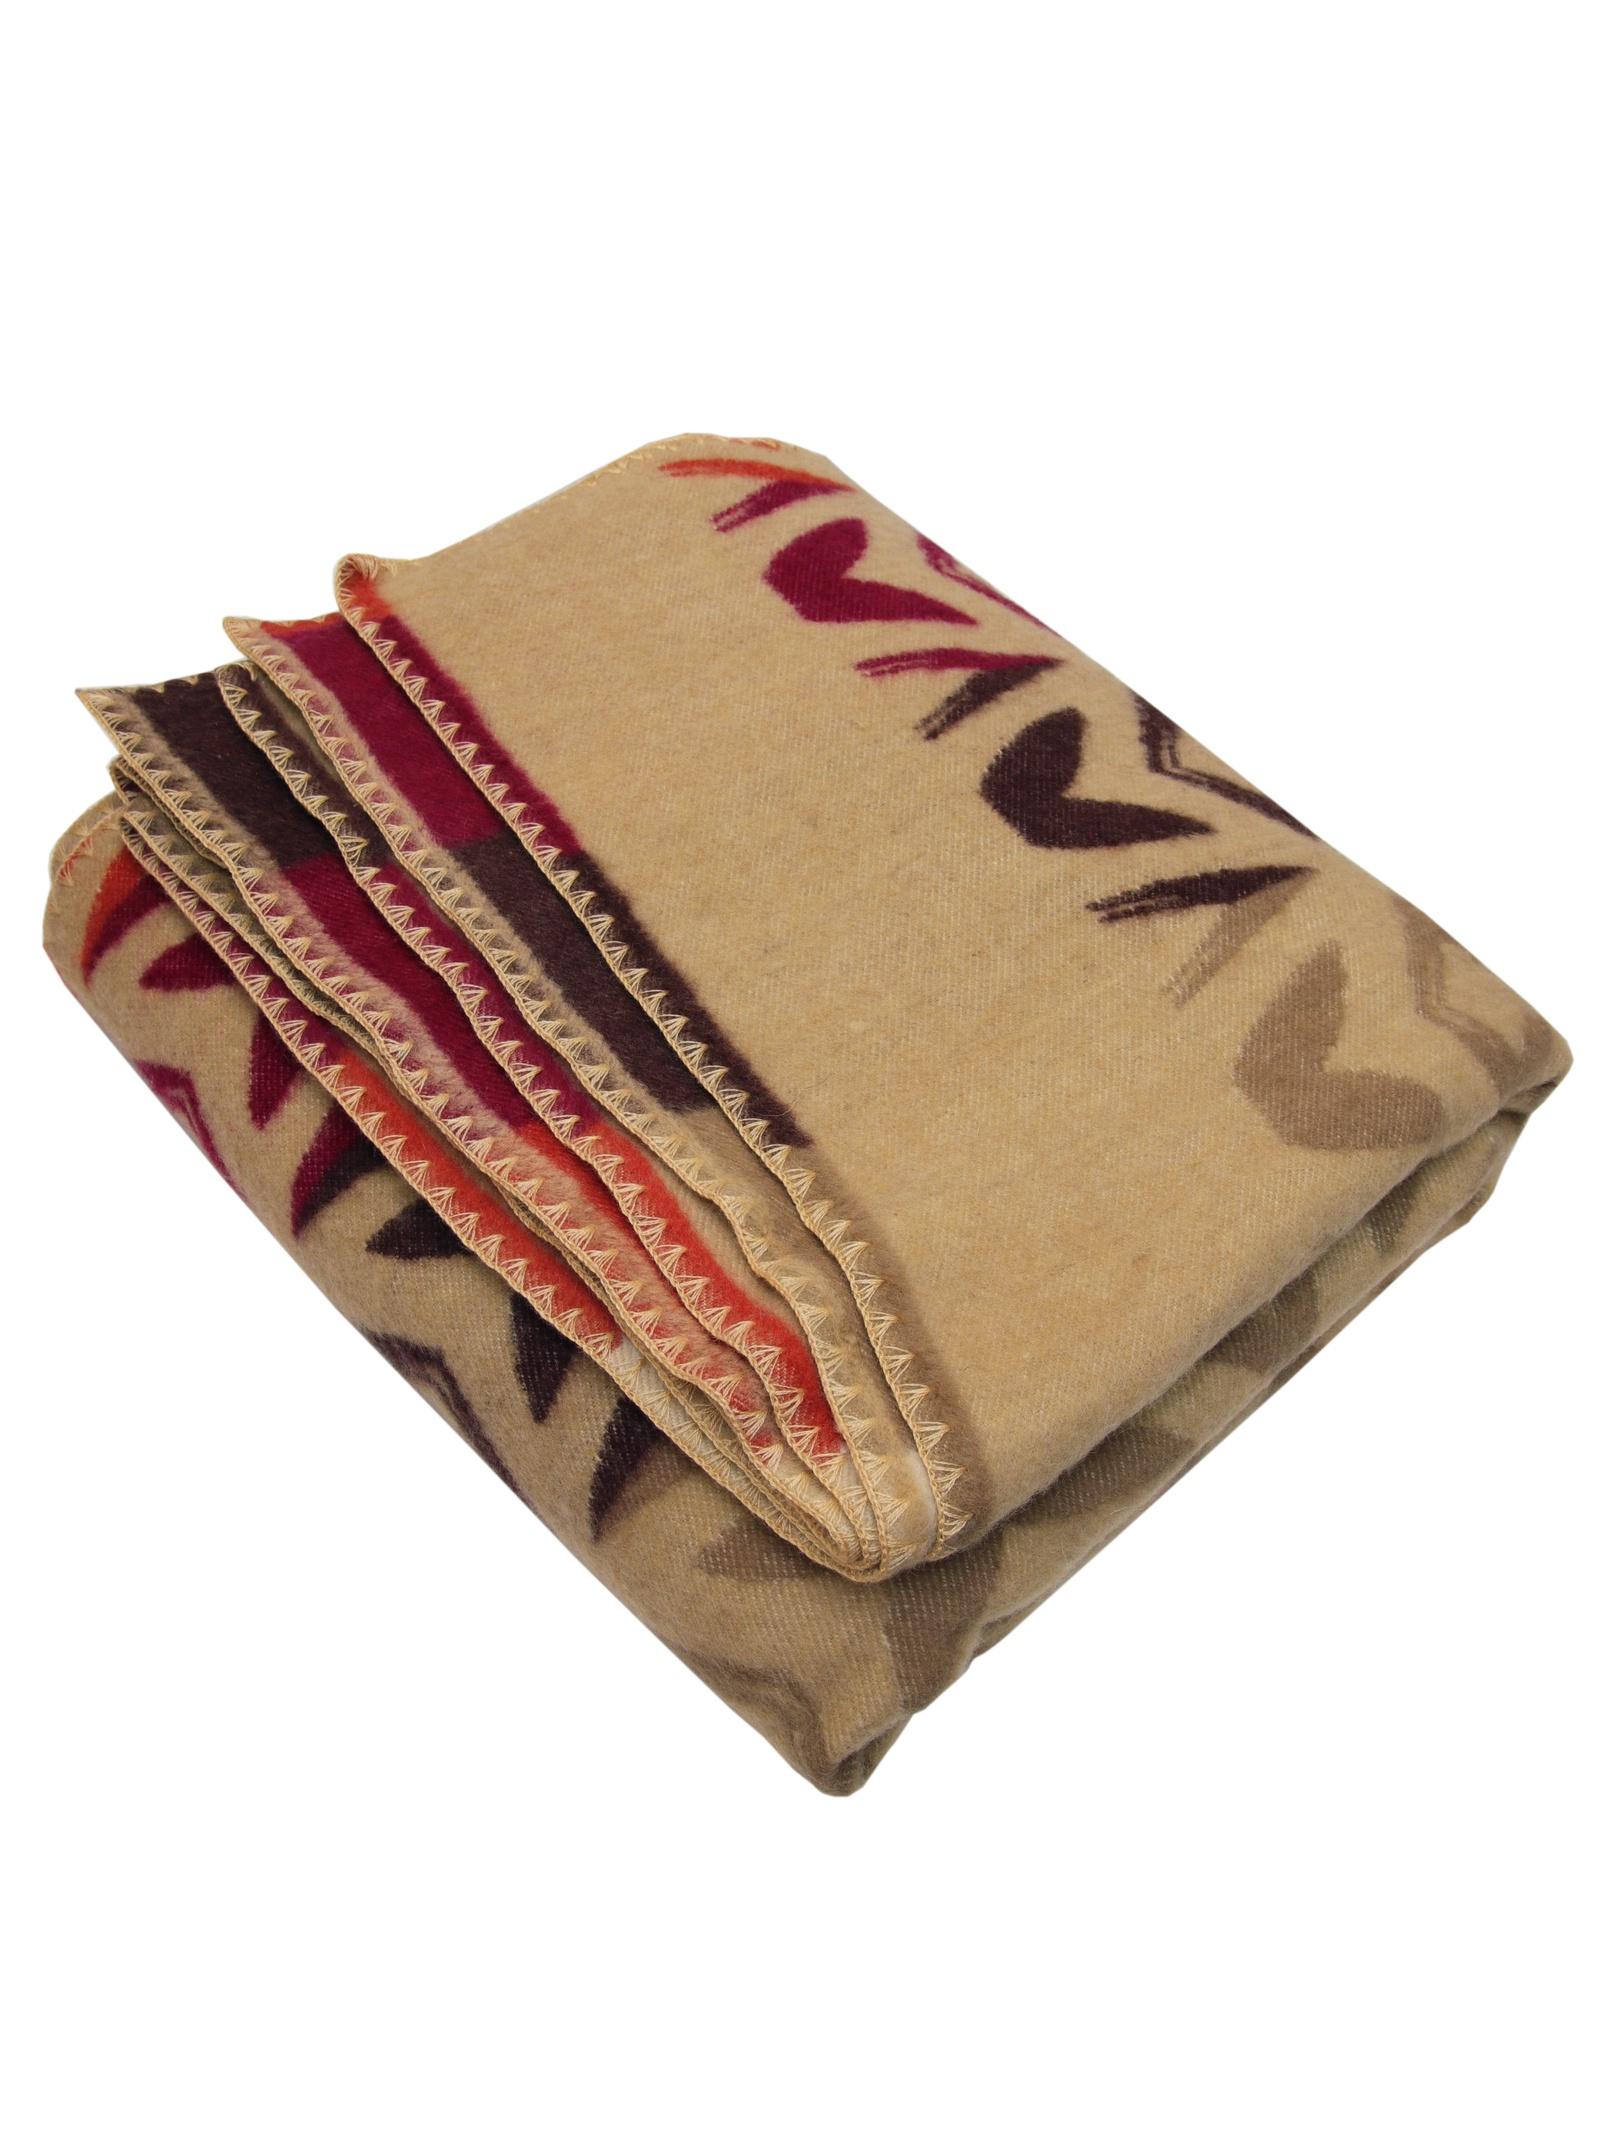 Одеяло Arloni 27358, бежевый, бордовый полутороспальное одеяло arloni лоретта кассетное 140х205 теплое 140 17 03 эб